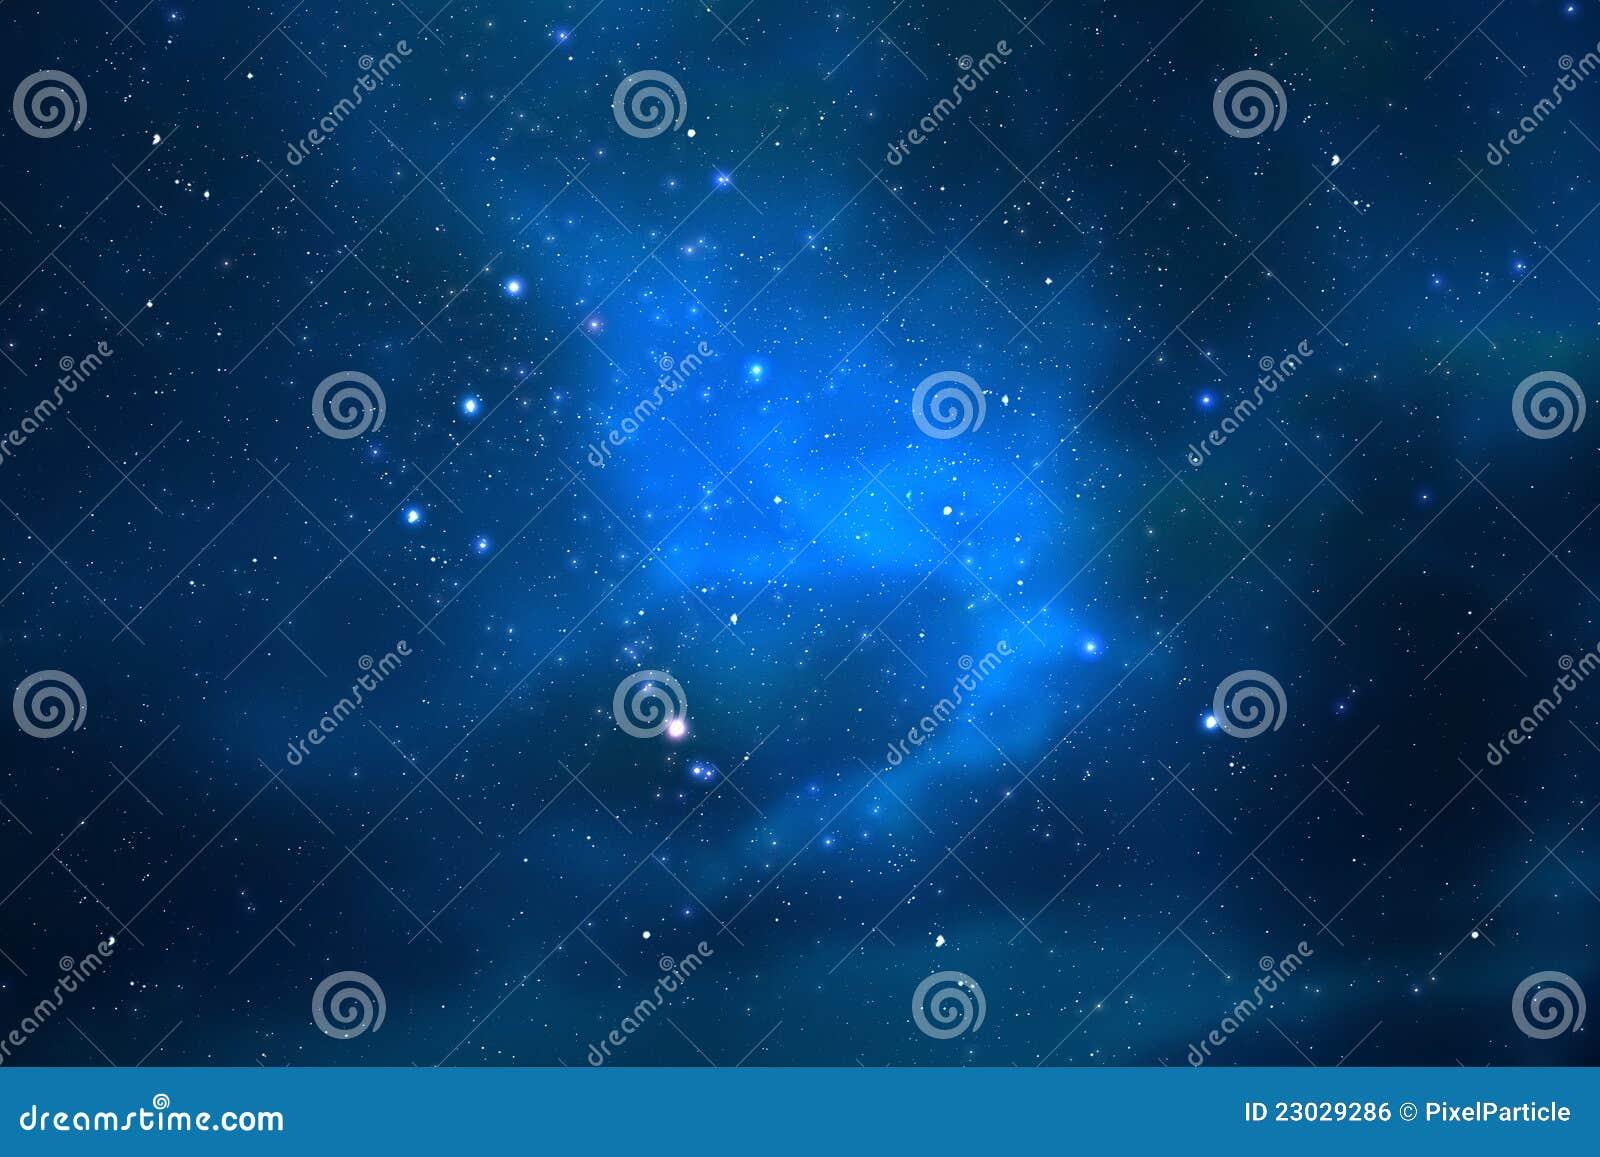 ночное небо играет главные роли вселенный